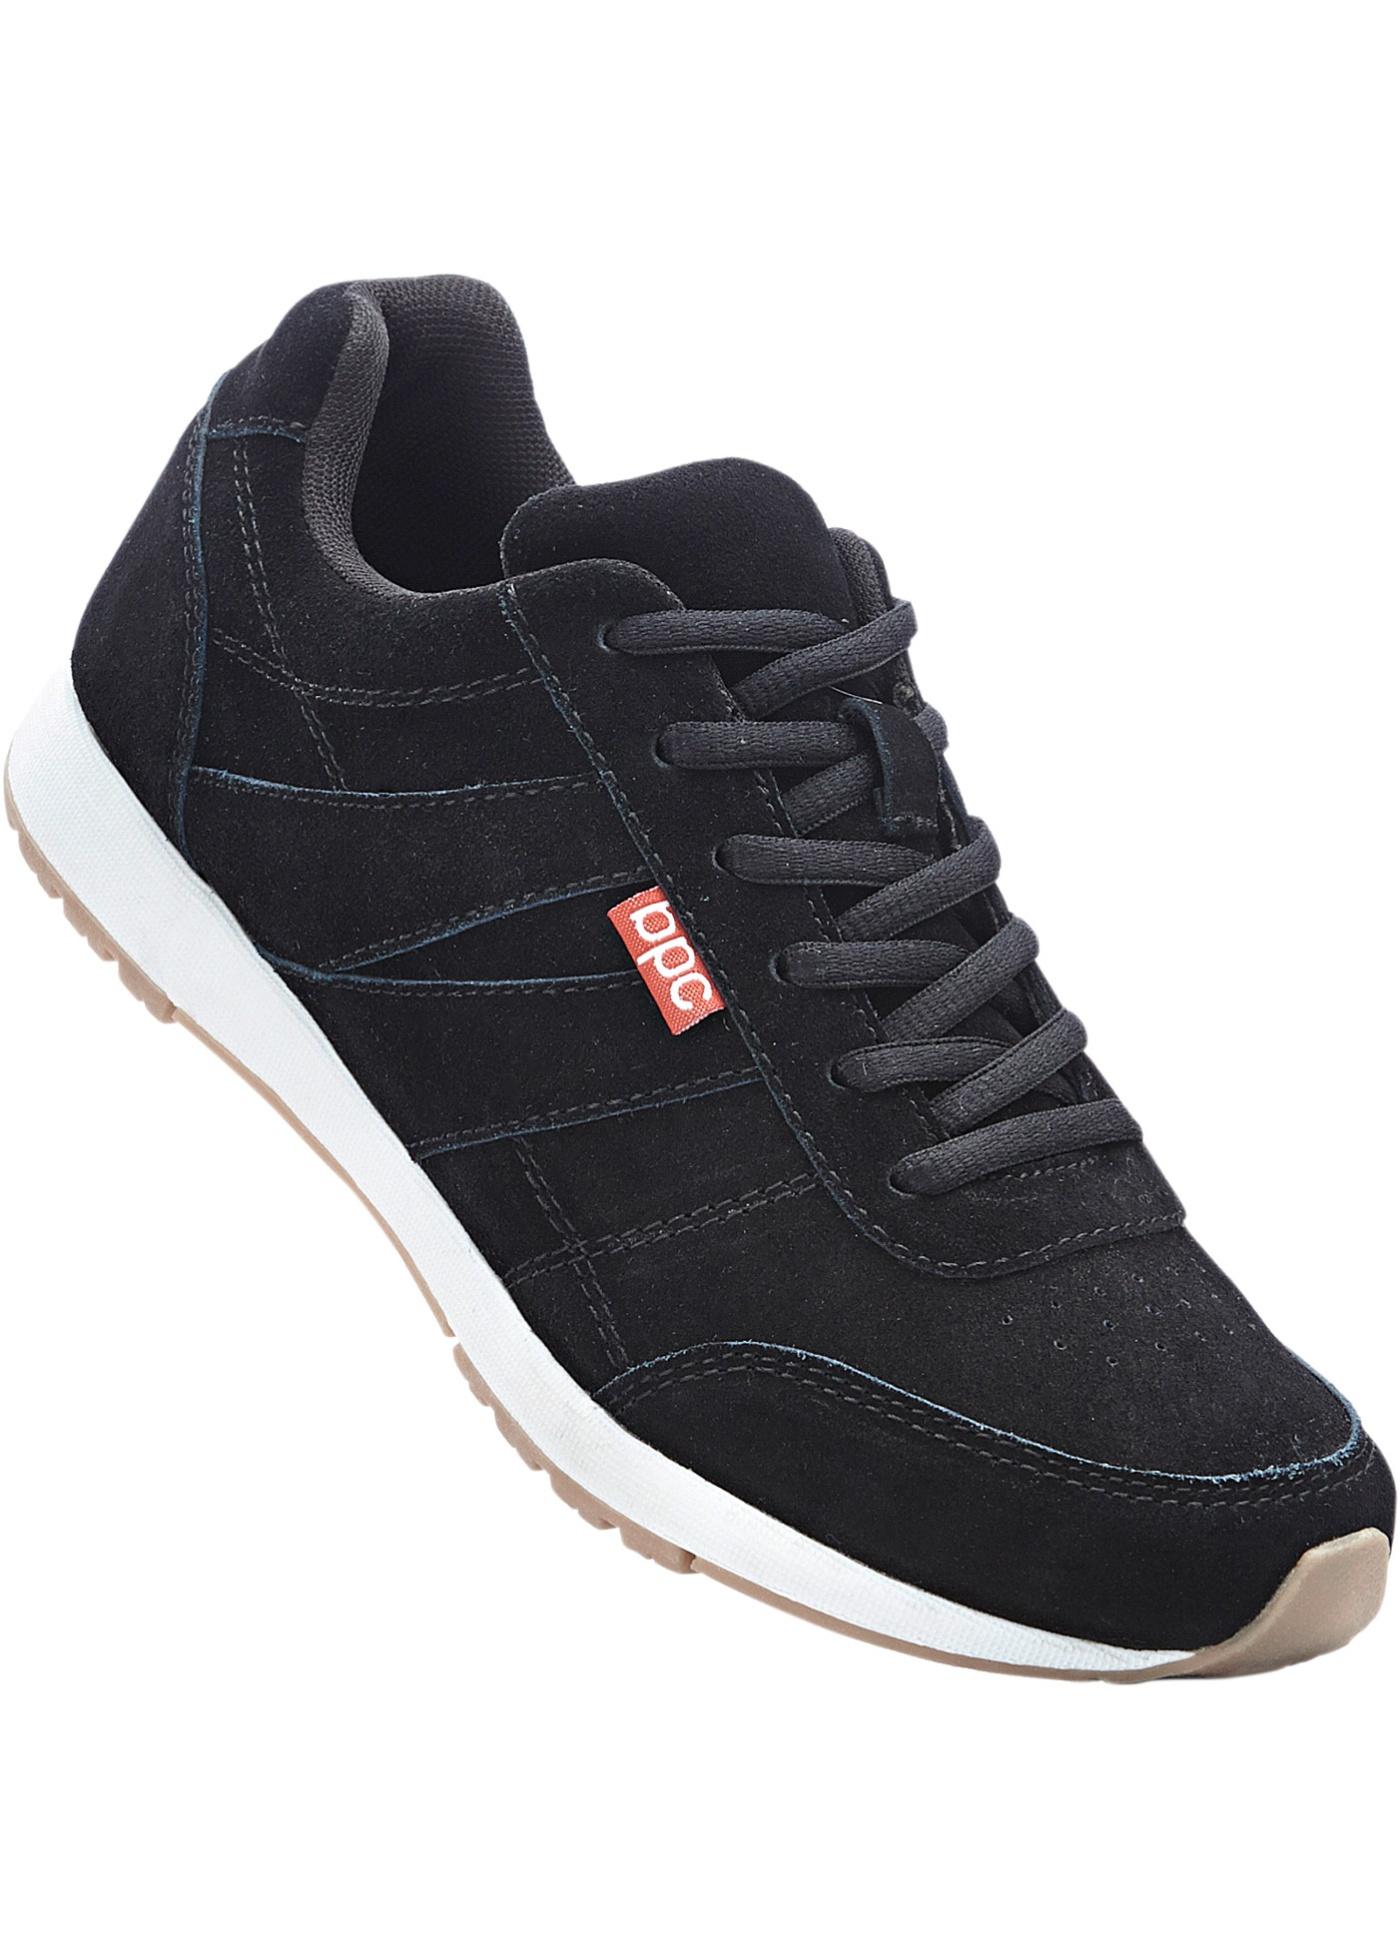 Sneaker in pelle  Nero  -